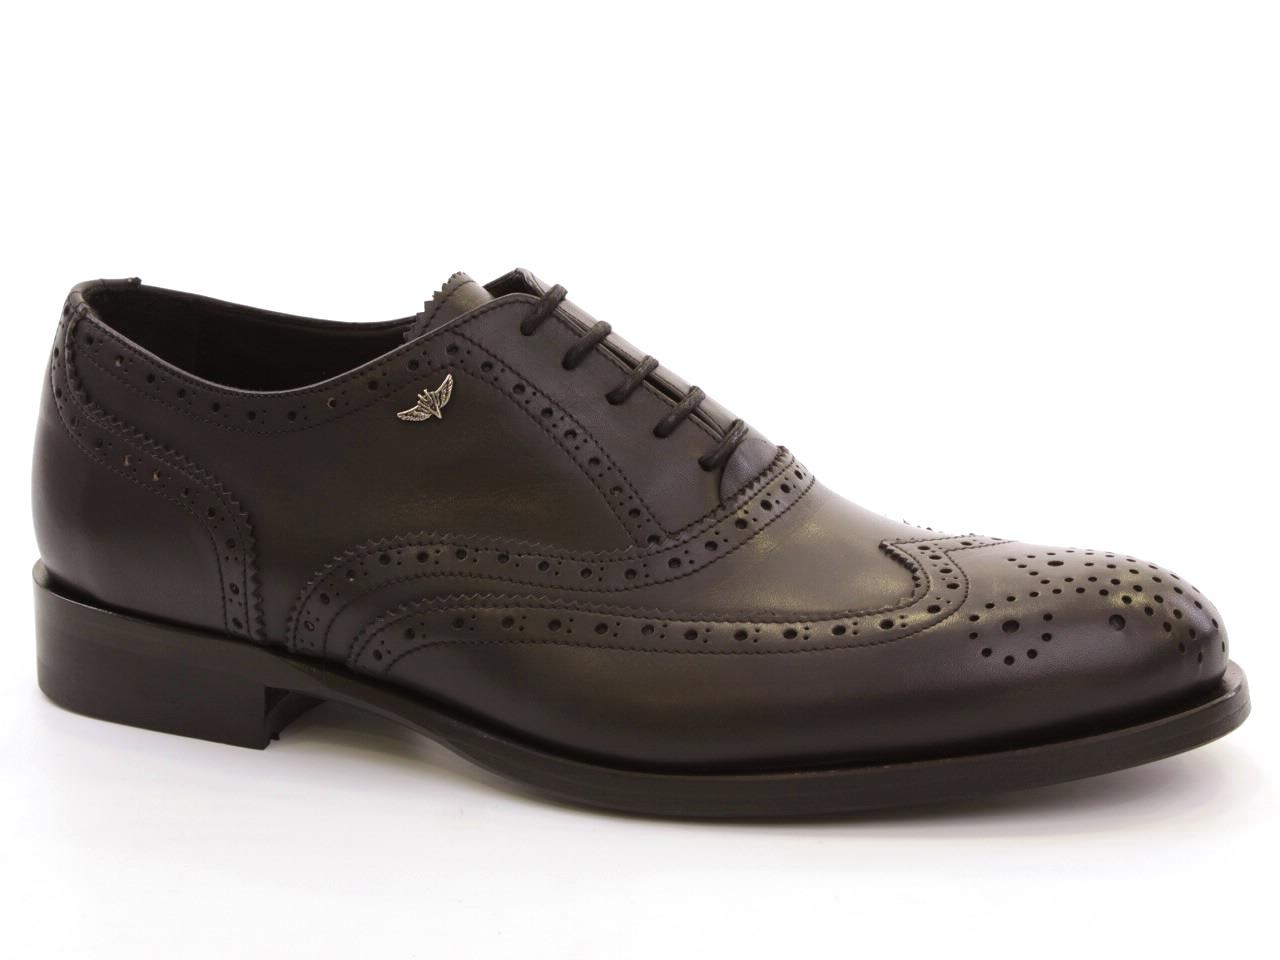 Lace Dress Shoes Miguel Vieira - 233 MV4581